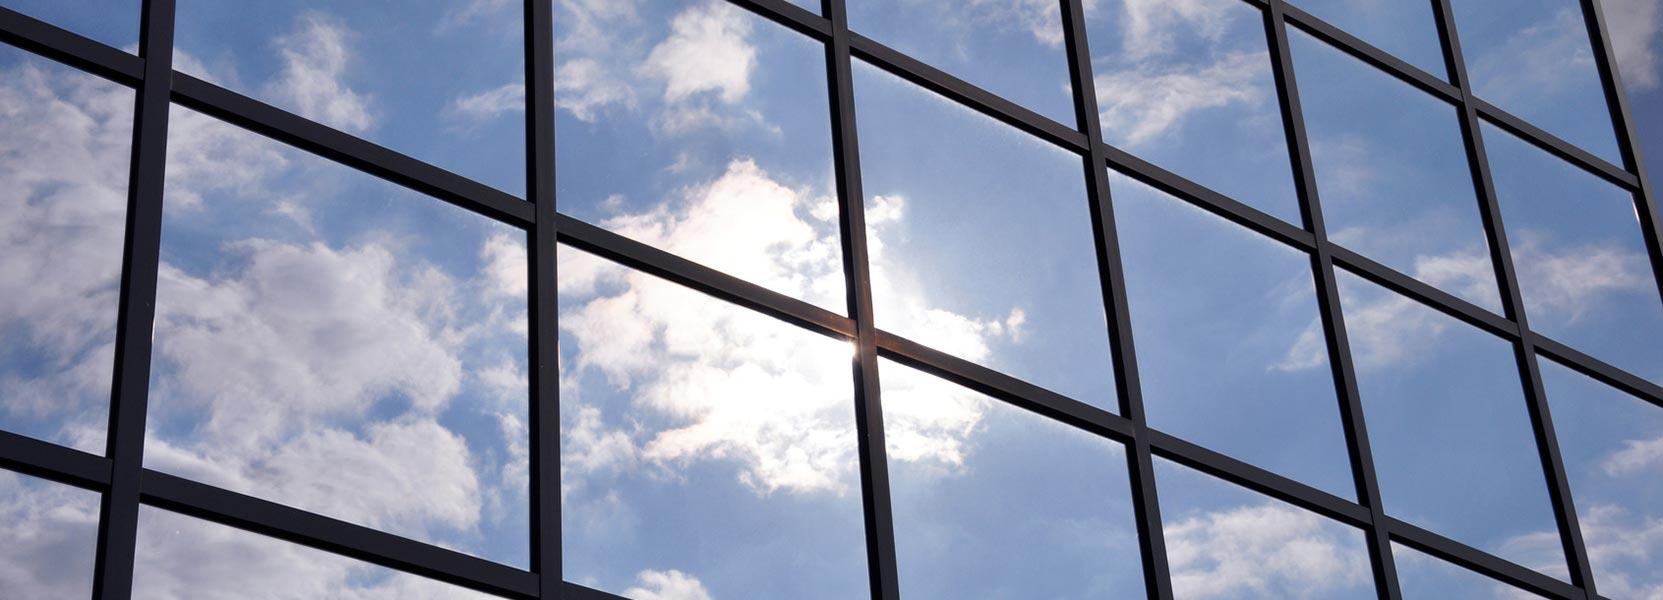 Full Size of Sonnenschutzfolie Fenster Obi Innen Selbsthaftend Anbringen Montage Dreh Kipp Aco Mit Eingebauten Rolladen Dachschräge Alarmanlagen Für Und Türen Welten Wohnzimmer Sonnenschutzfolie Fenster Obi